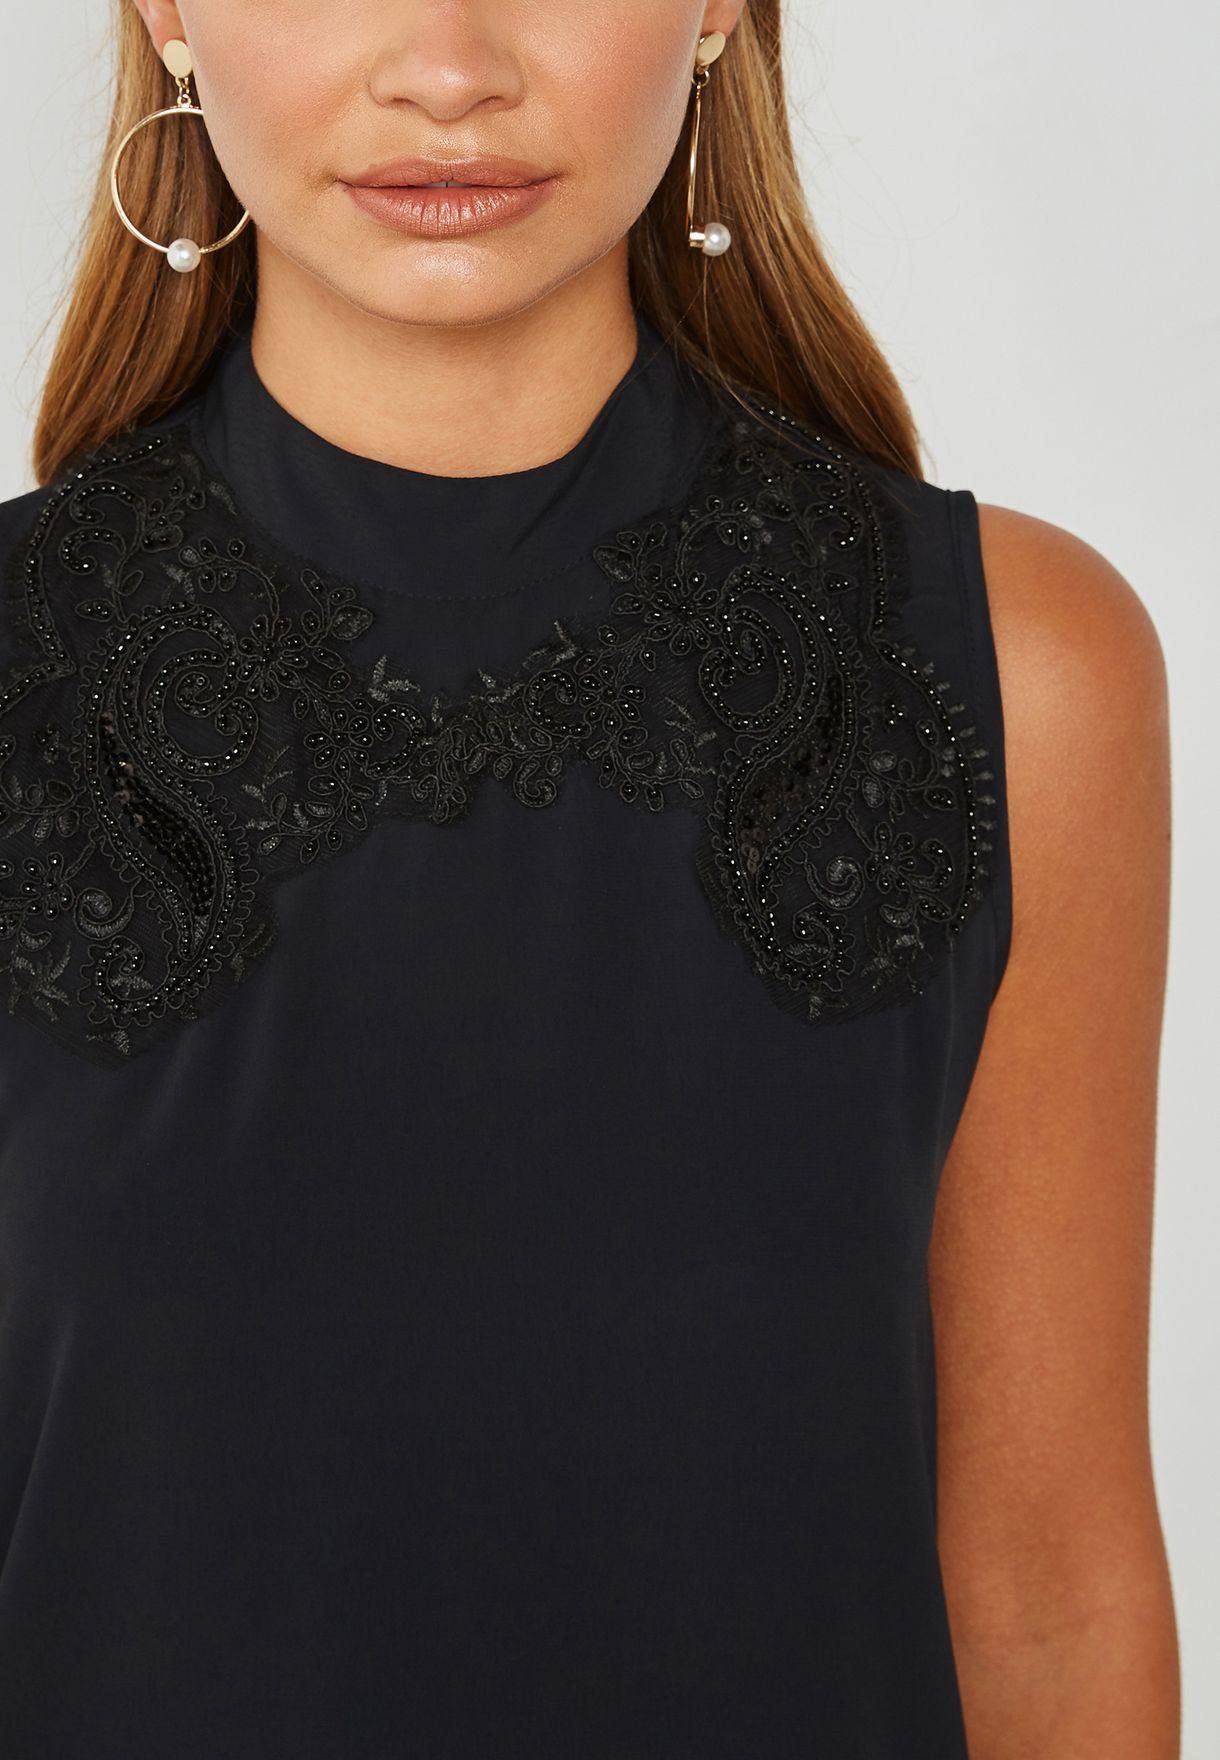 Embellished High Neck Top